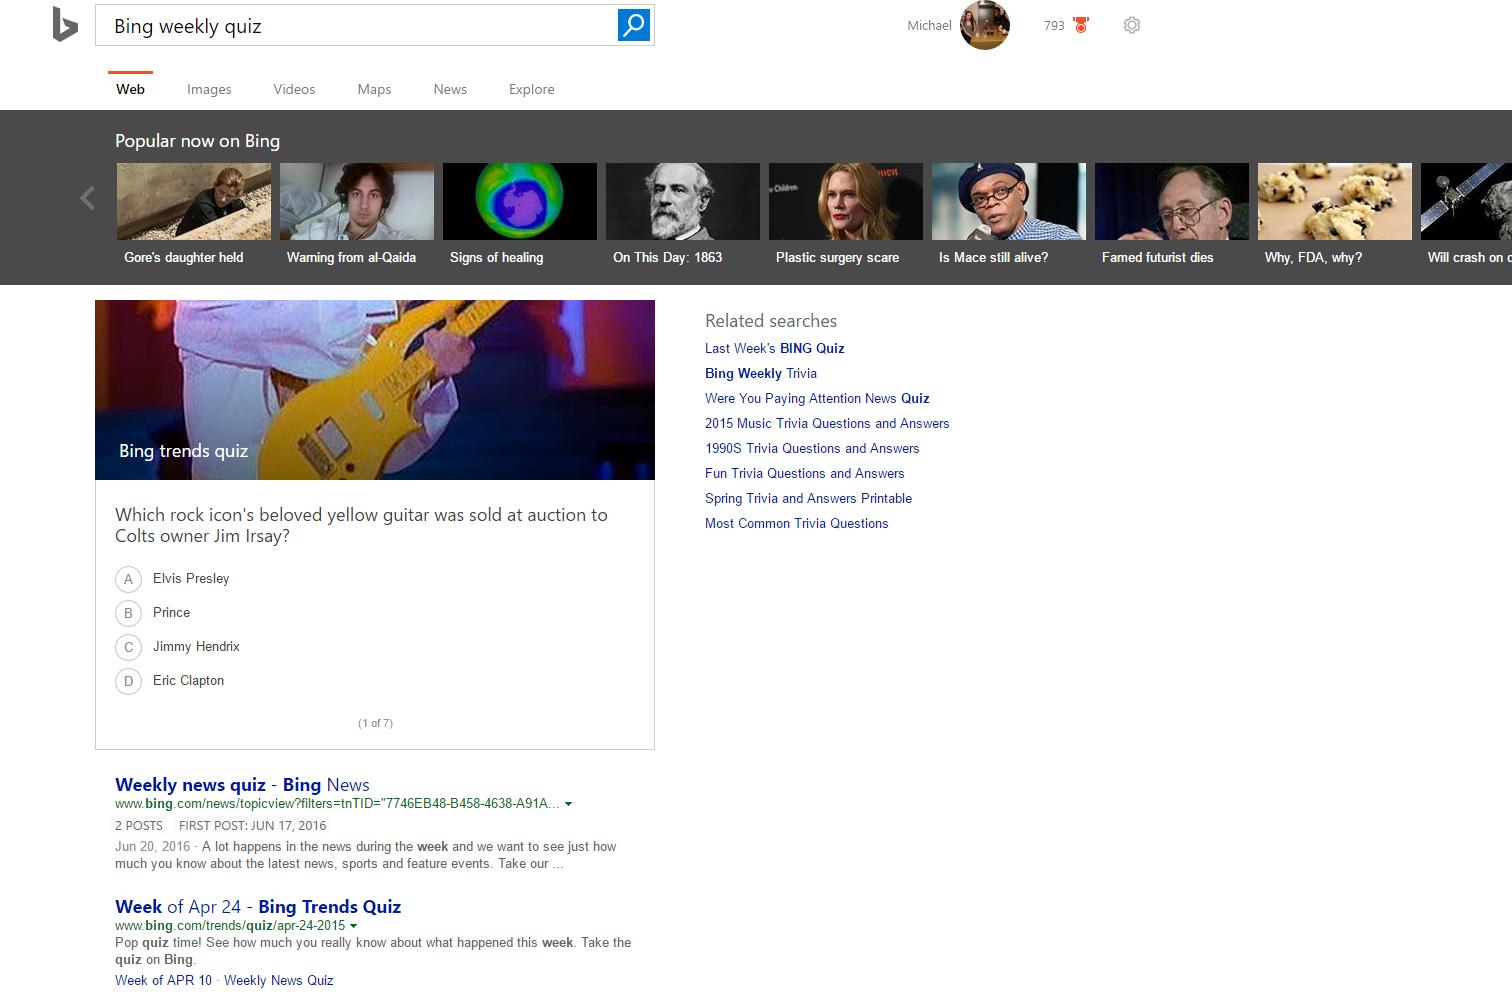 سنجش اطلاعات هفتگی با بینگ. اخبار مایکروسافت در مایکروسافت می